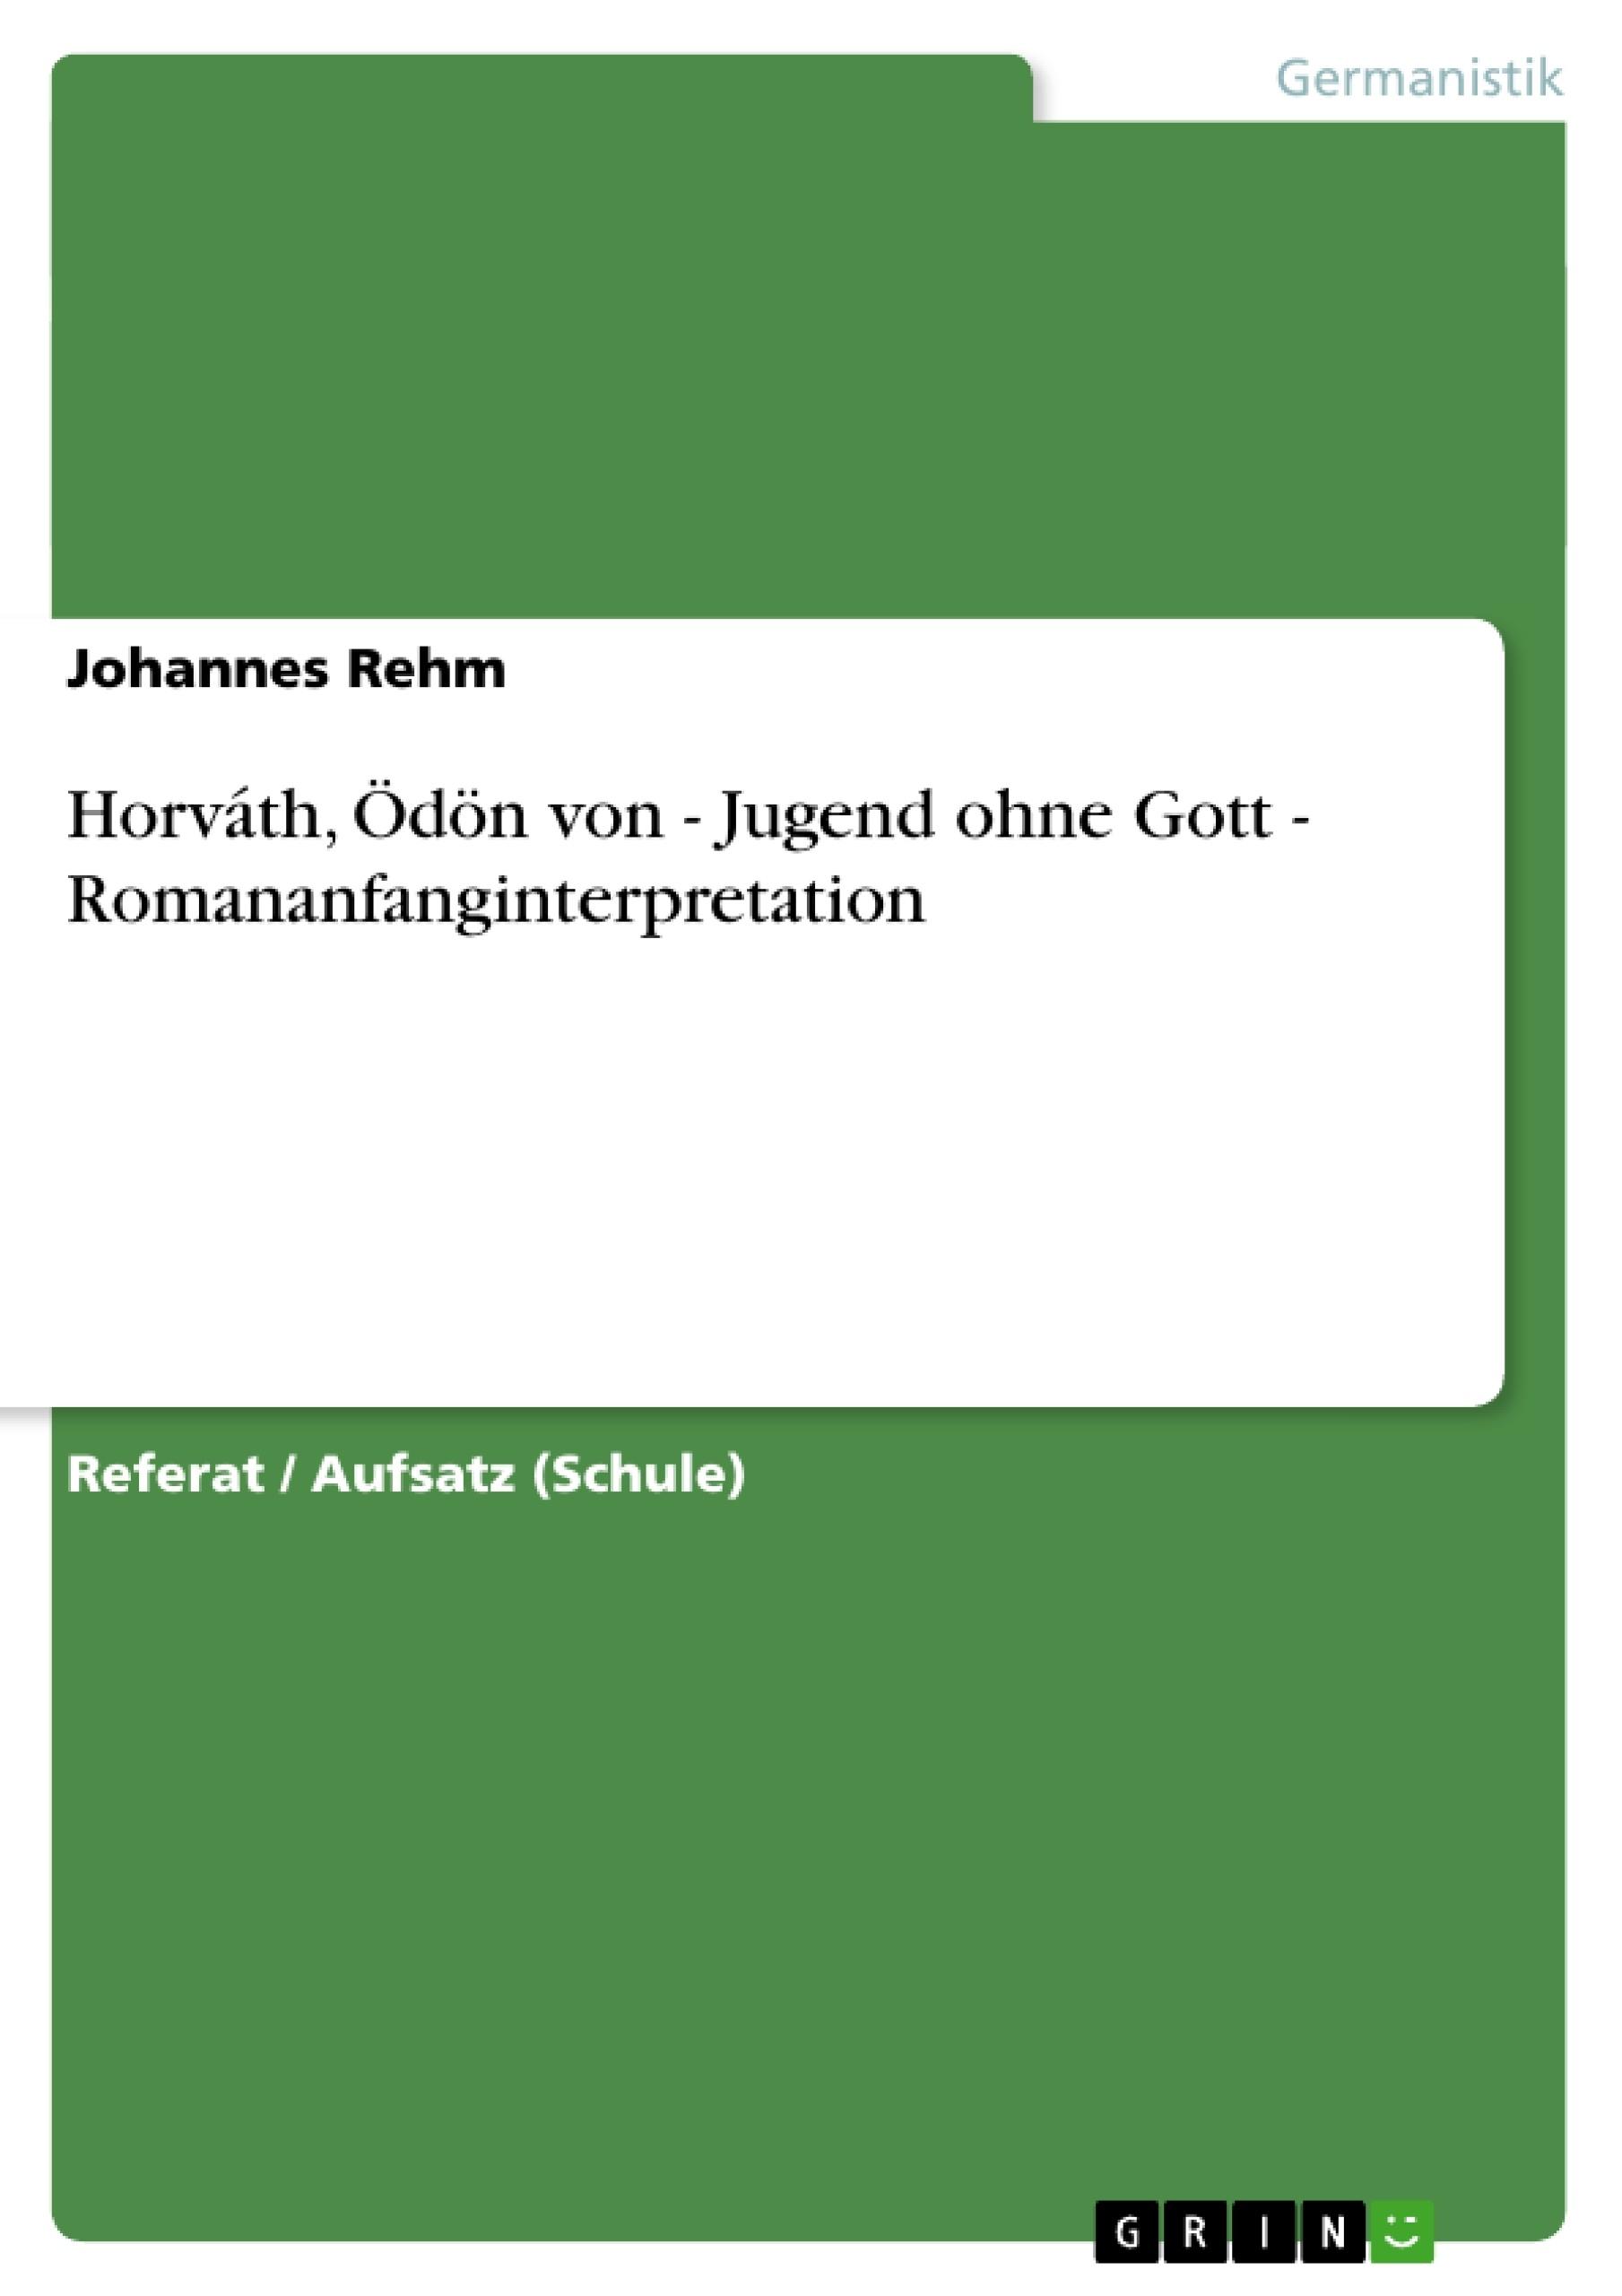 Titel: Horváth, Ödön von - Jugend ohne Gott - Romananfanginterpretation